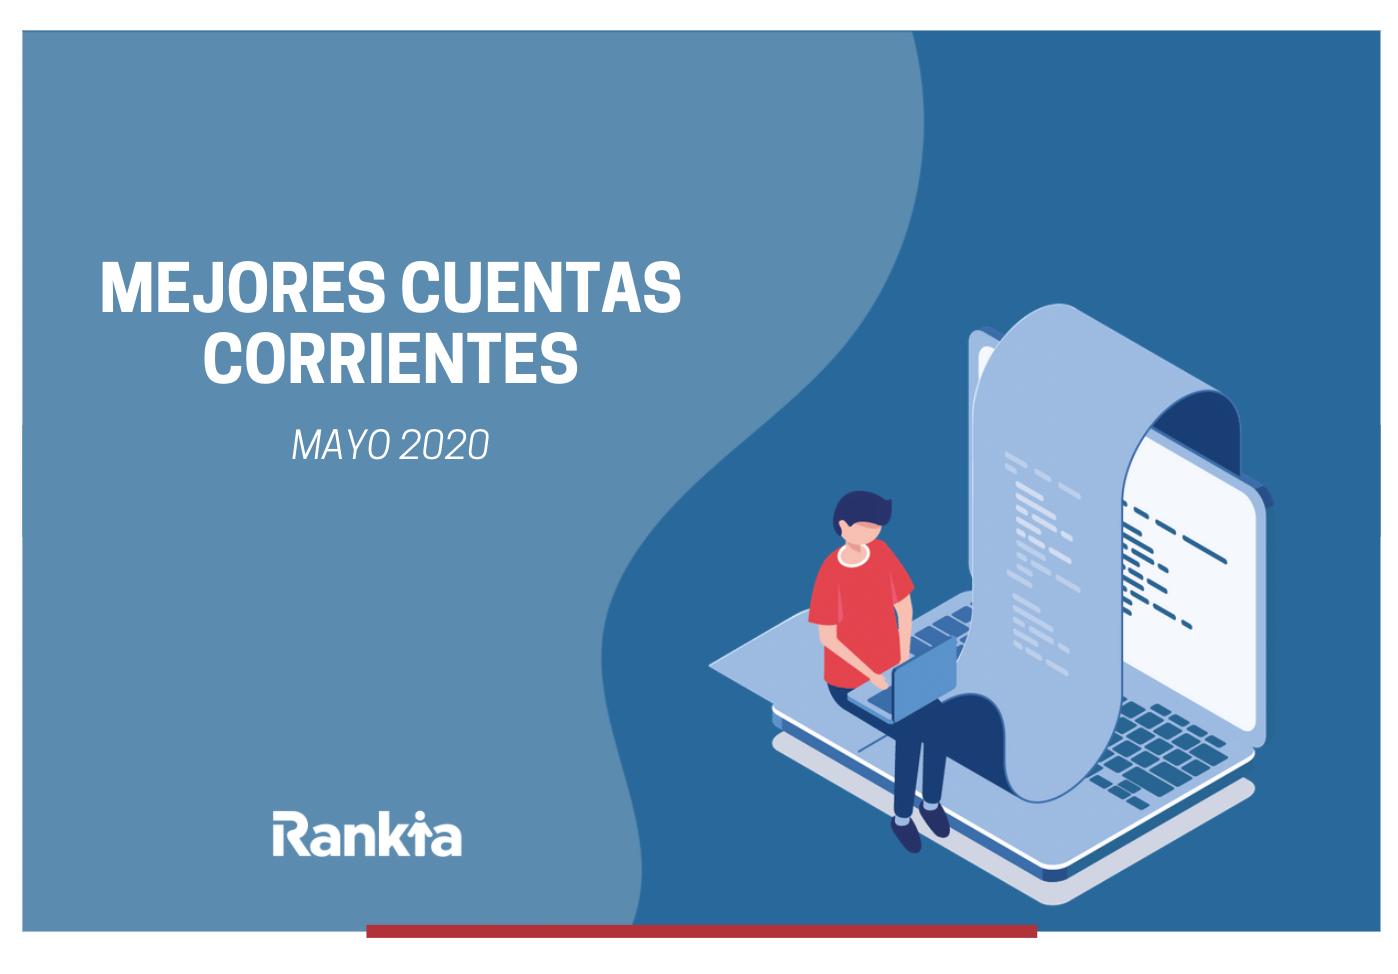 mejores cuentas corrientes mayo 2020